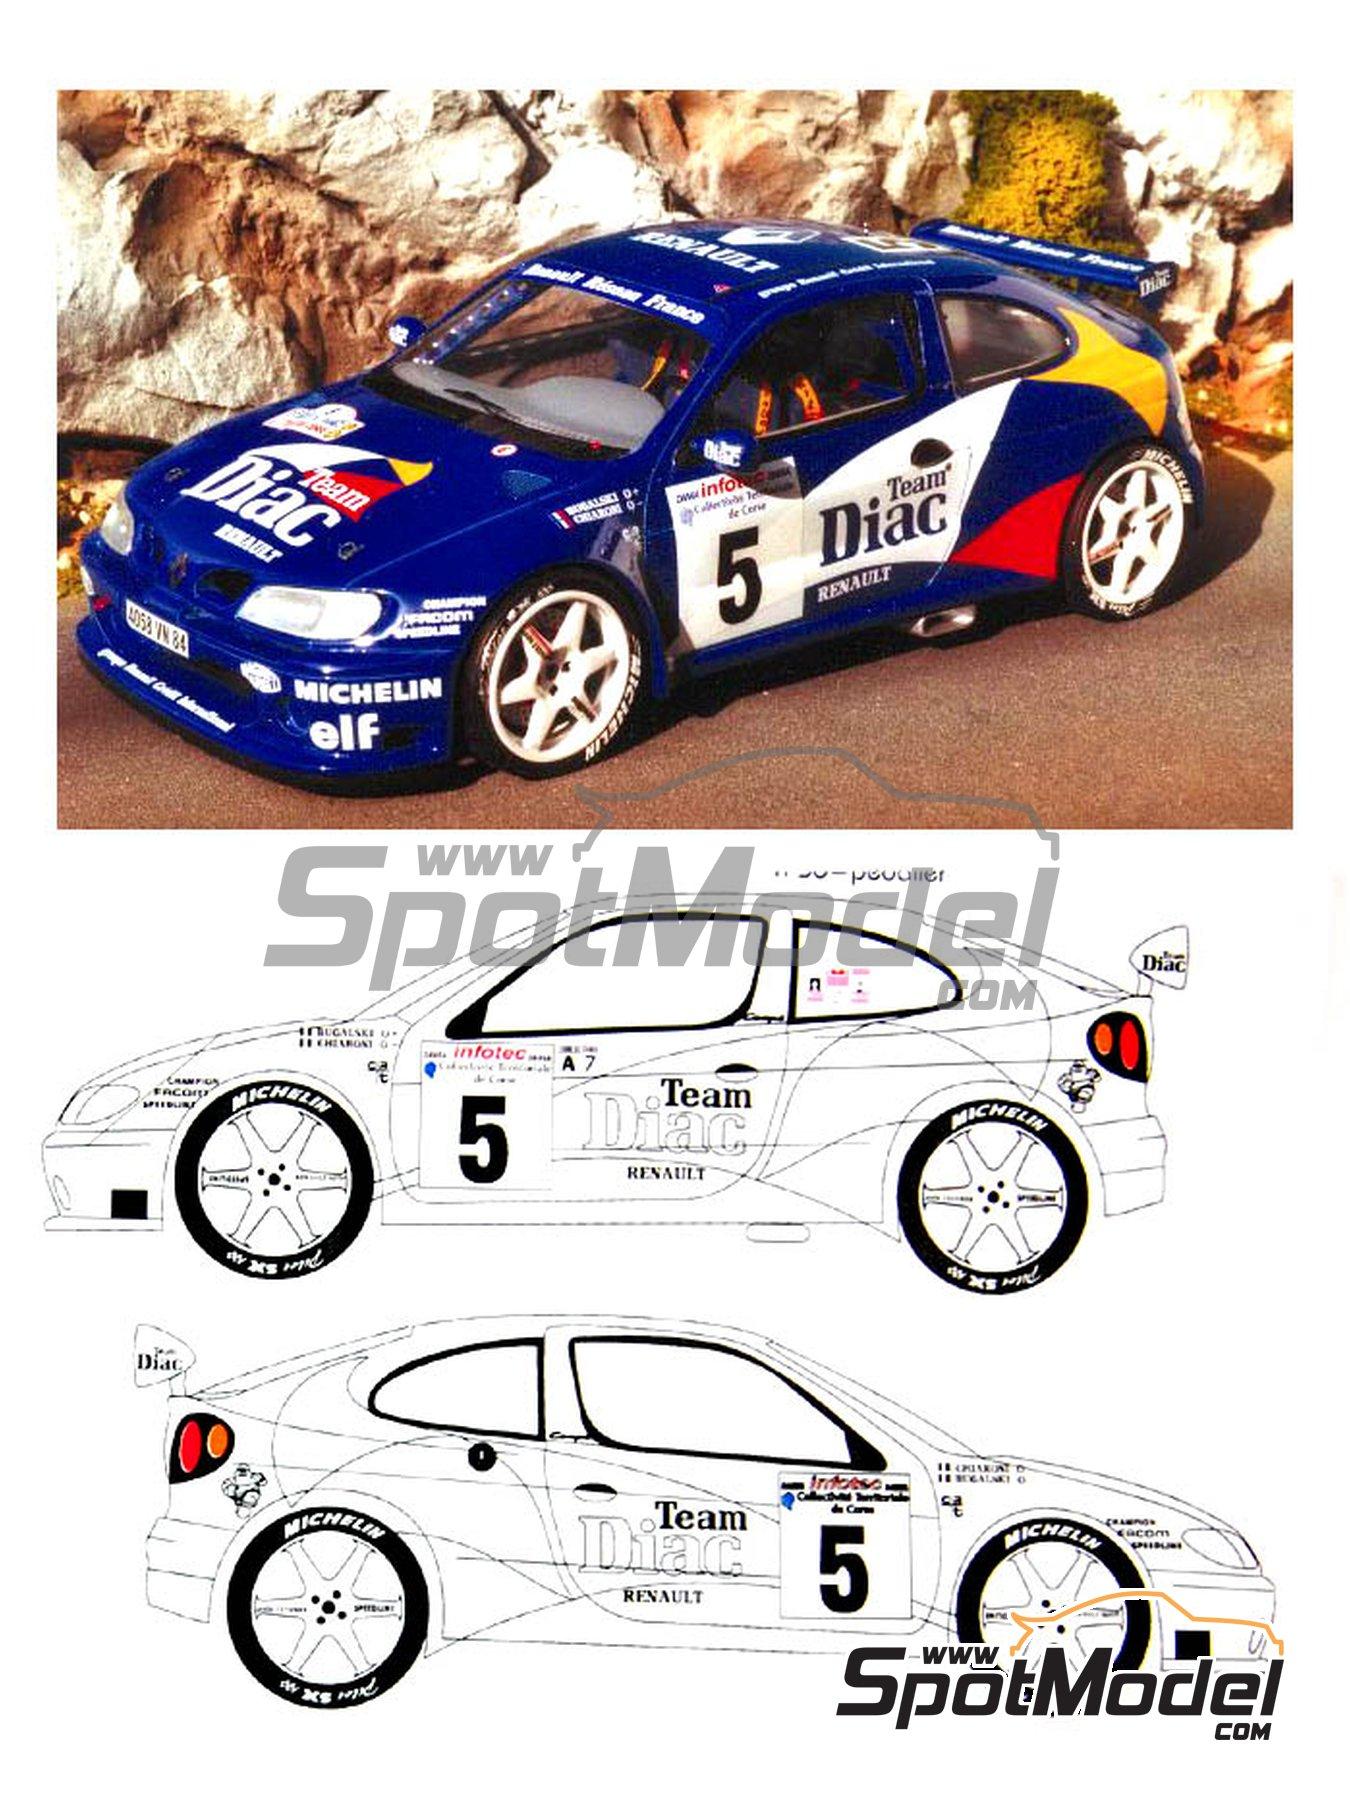 Renault Megane Maxi Diac - Tour de Corse 1996 | Model car kit in 1/24 scale manufactured by Renaissance Models (ref.CTR2408) image